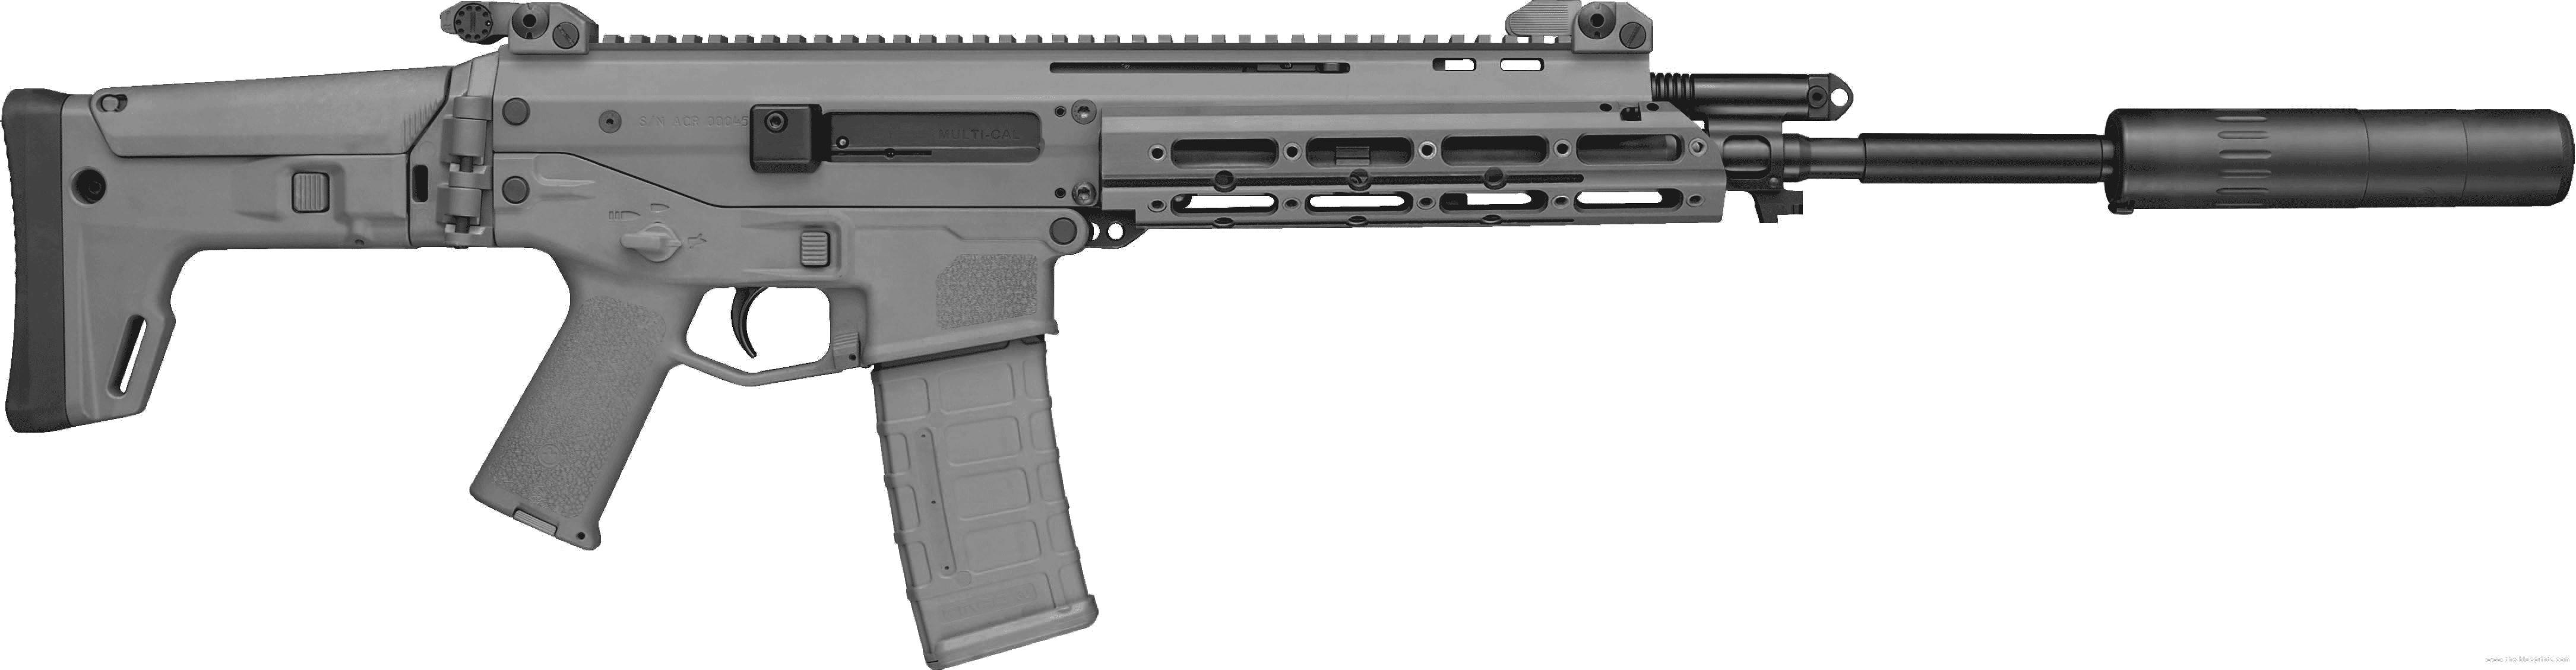 Assault Rifle PNG - 17708